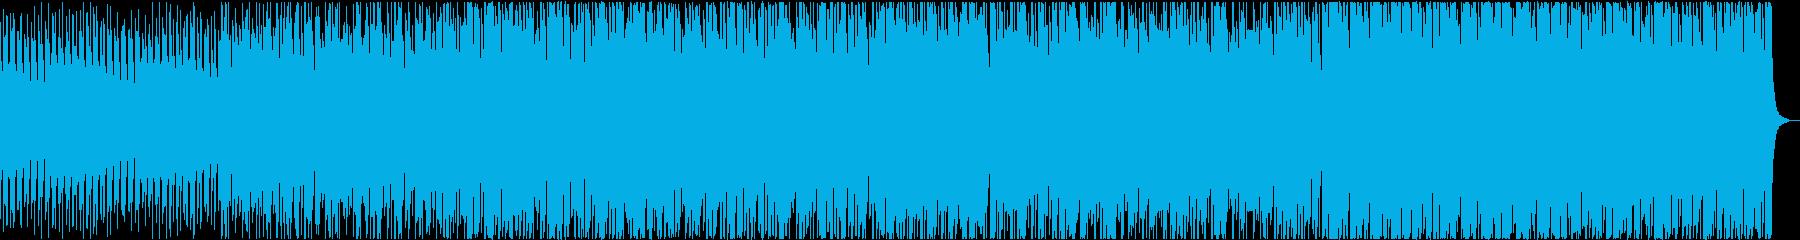 ドライブしているイメージの再生済みの波形